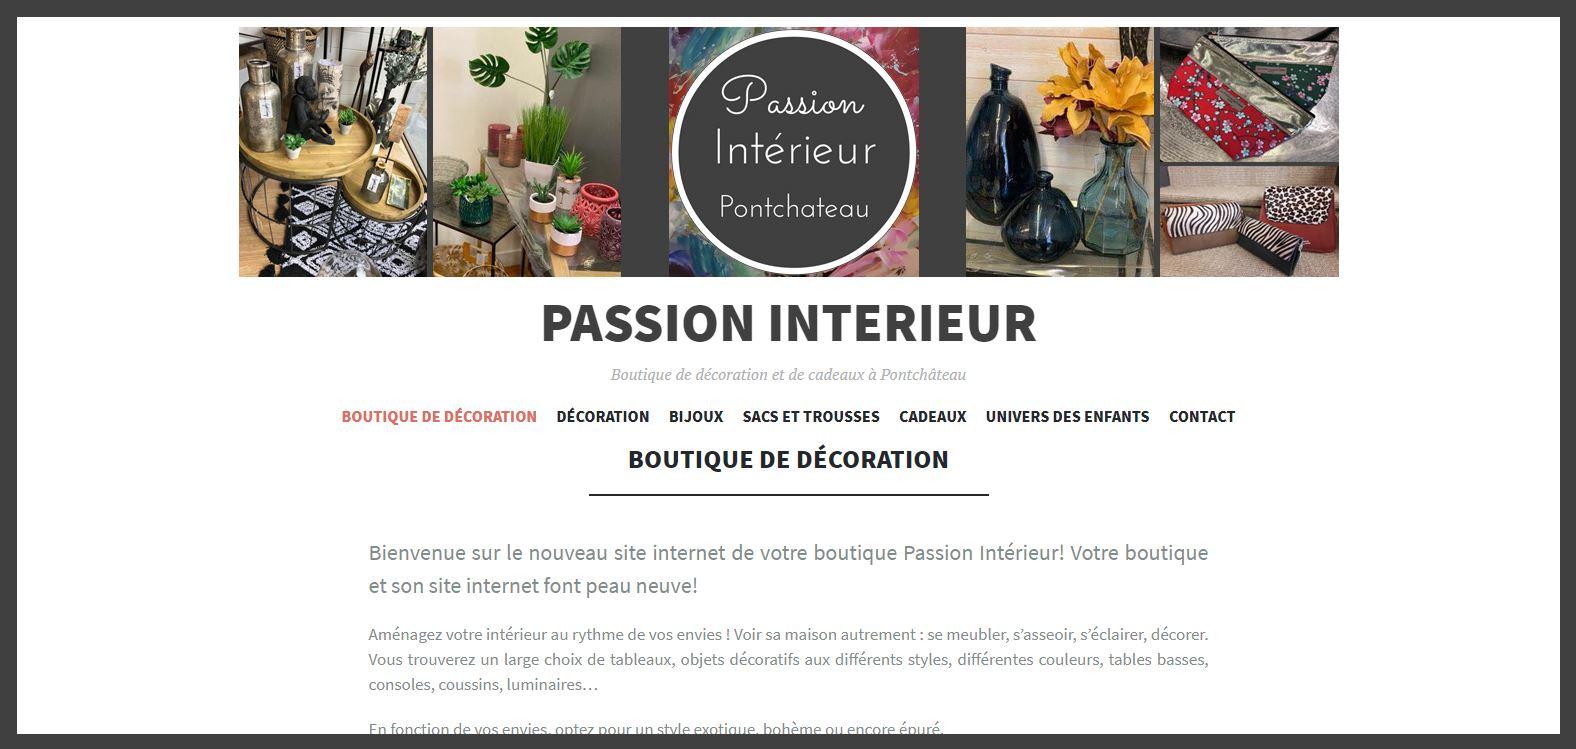 Site Internet Decoration Intérieure passion intérieur - aaetic